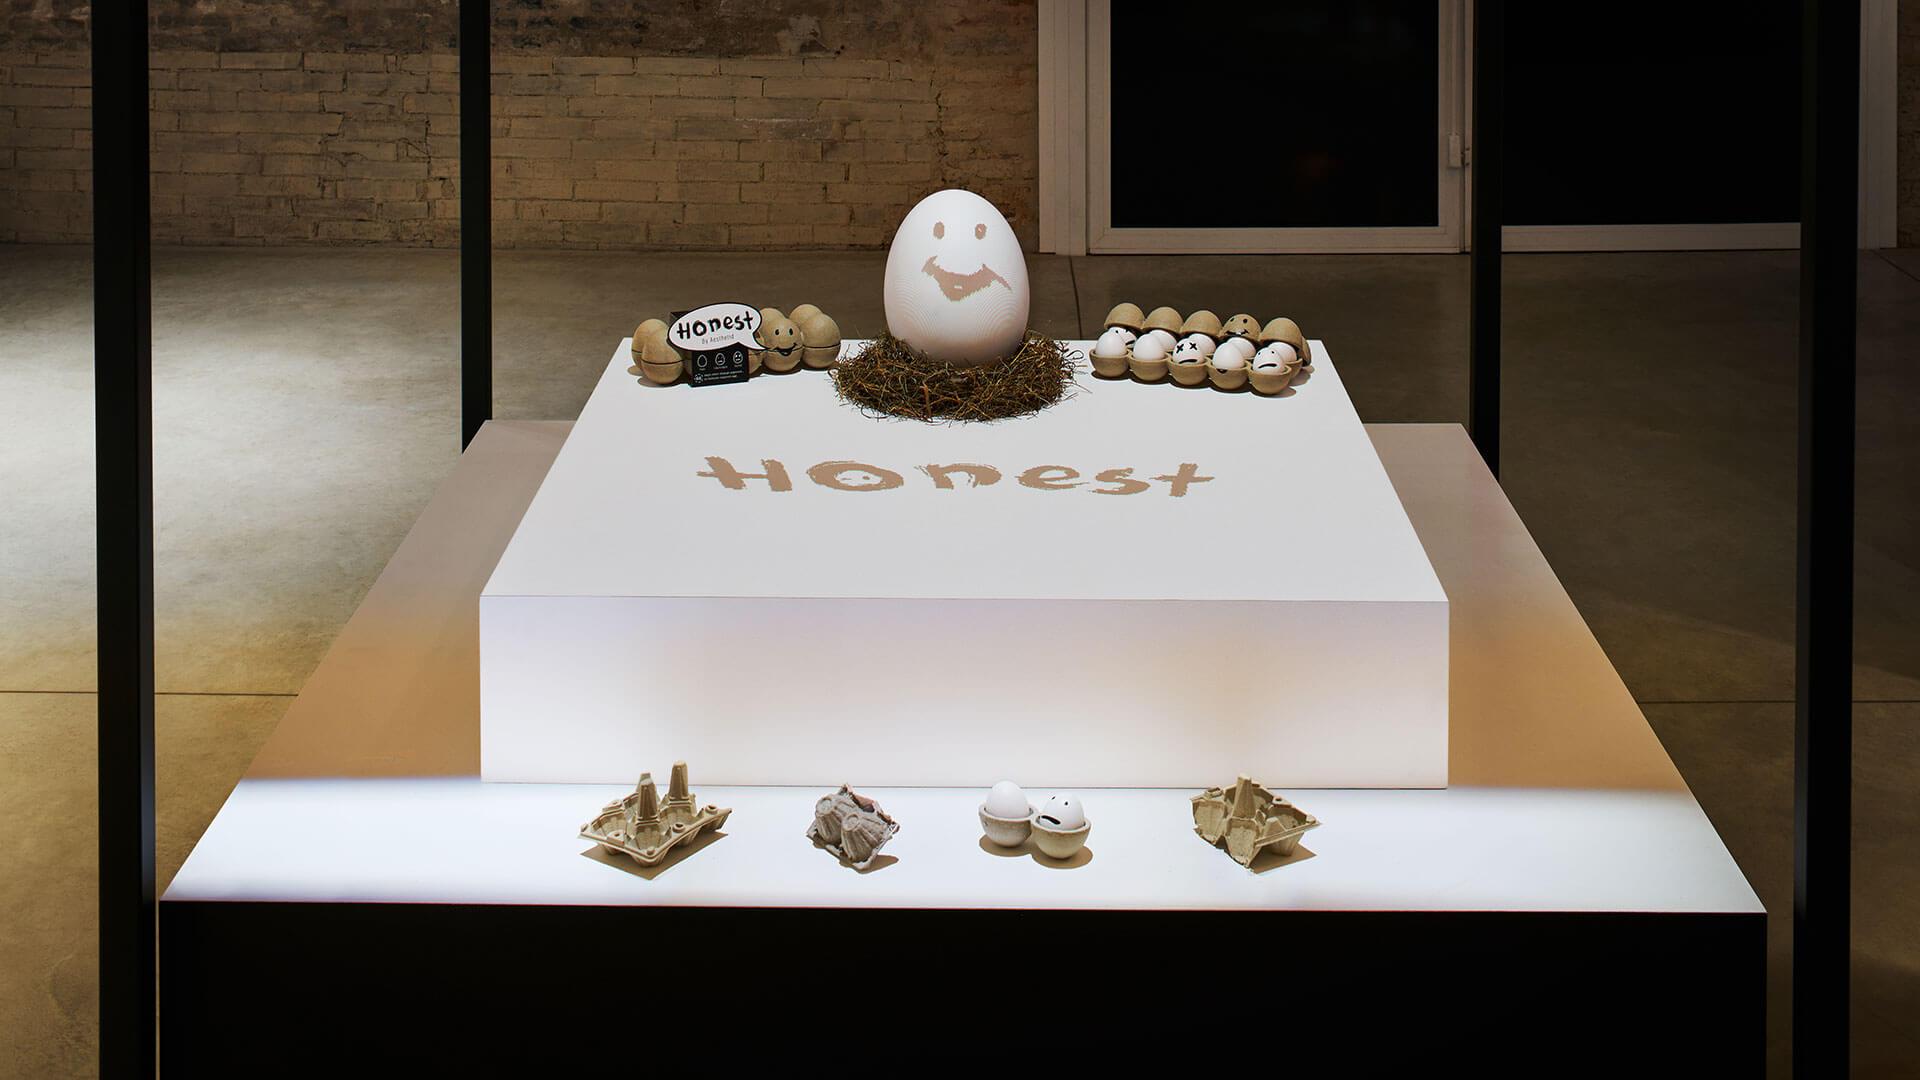 lexus lda 2018 winners gallery protoype honest egg